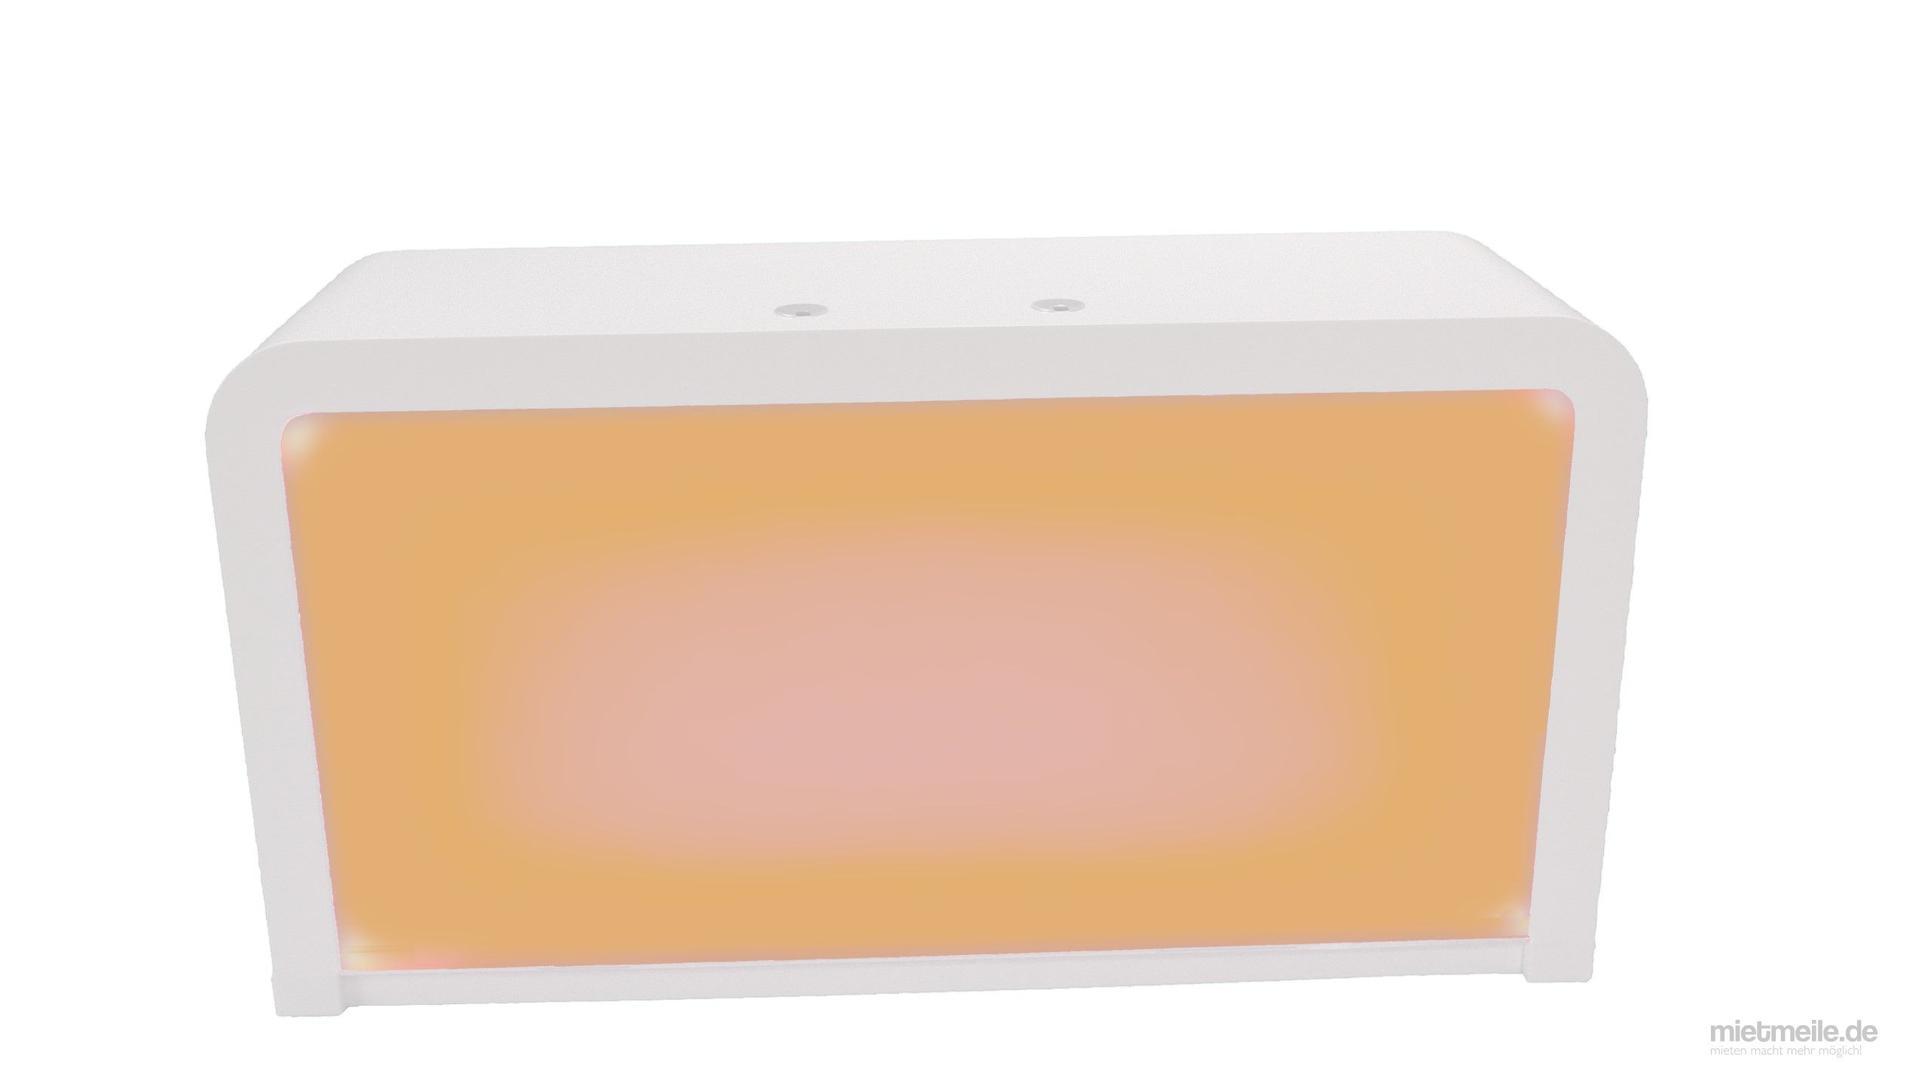 Messemöbel mieten & vermieten - Theke mit LED-Beleuchtung in verschiedenen Farben mit Kühlschrank in Pirna